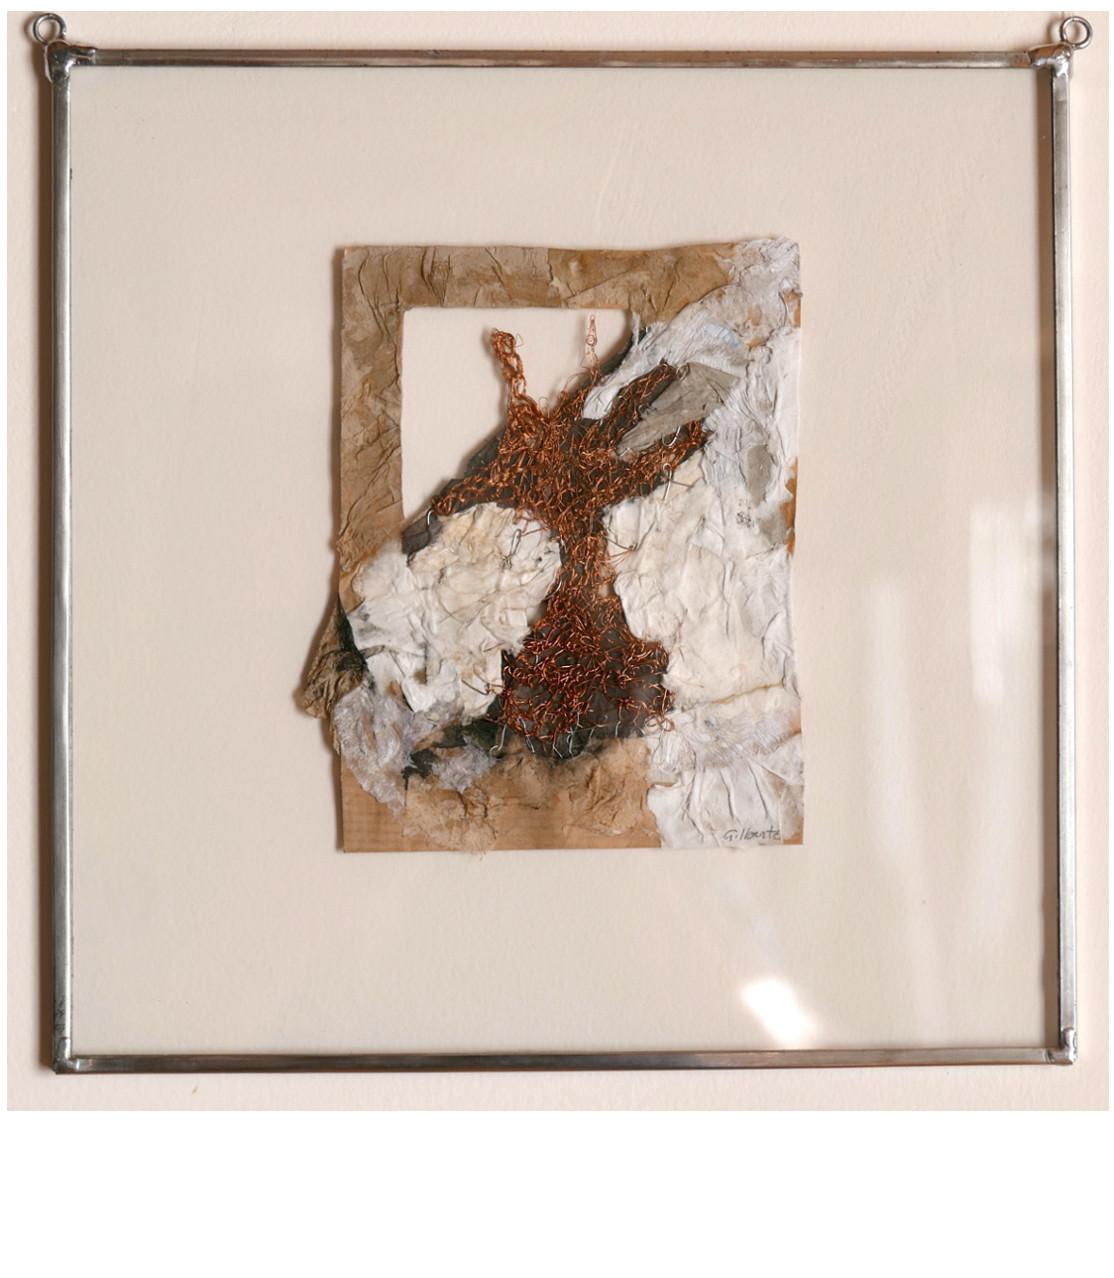 RESINIFERE, 2016 Broderie d'acier et papier (25X25cm) - Inv. 00061 (+) DÉTAILS